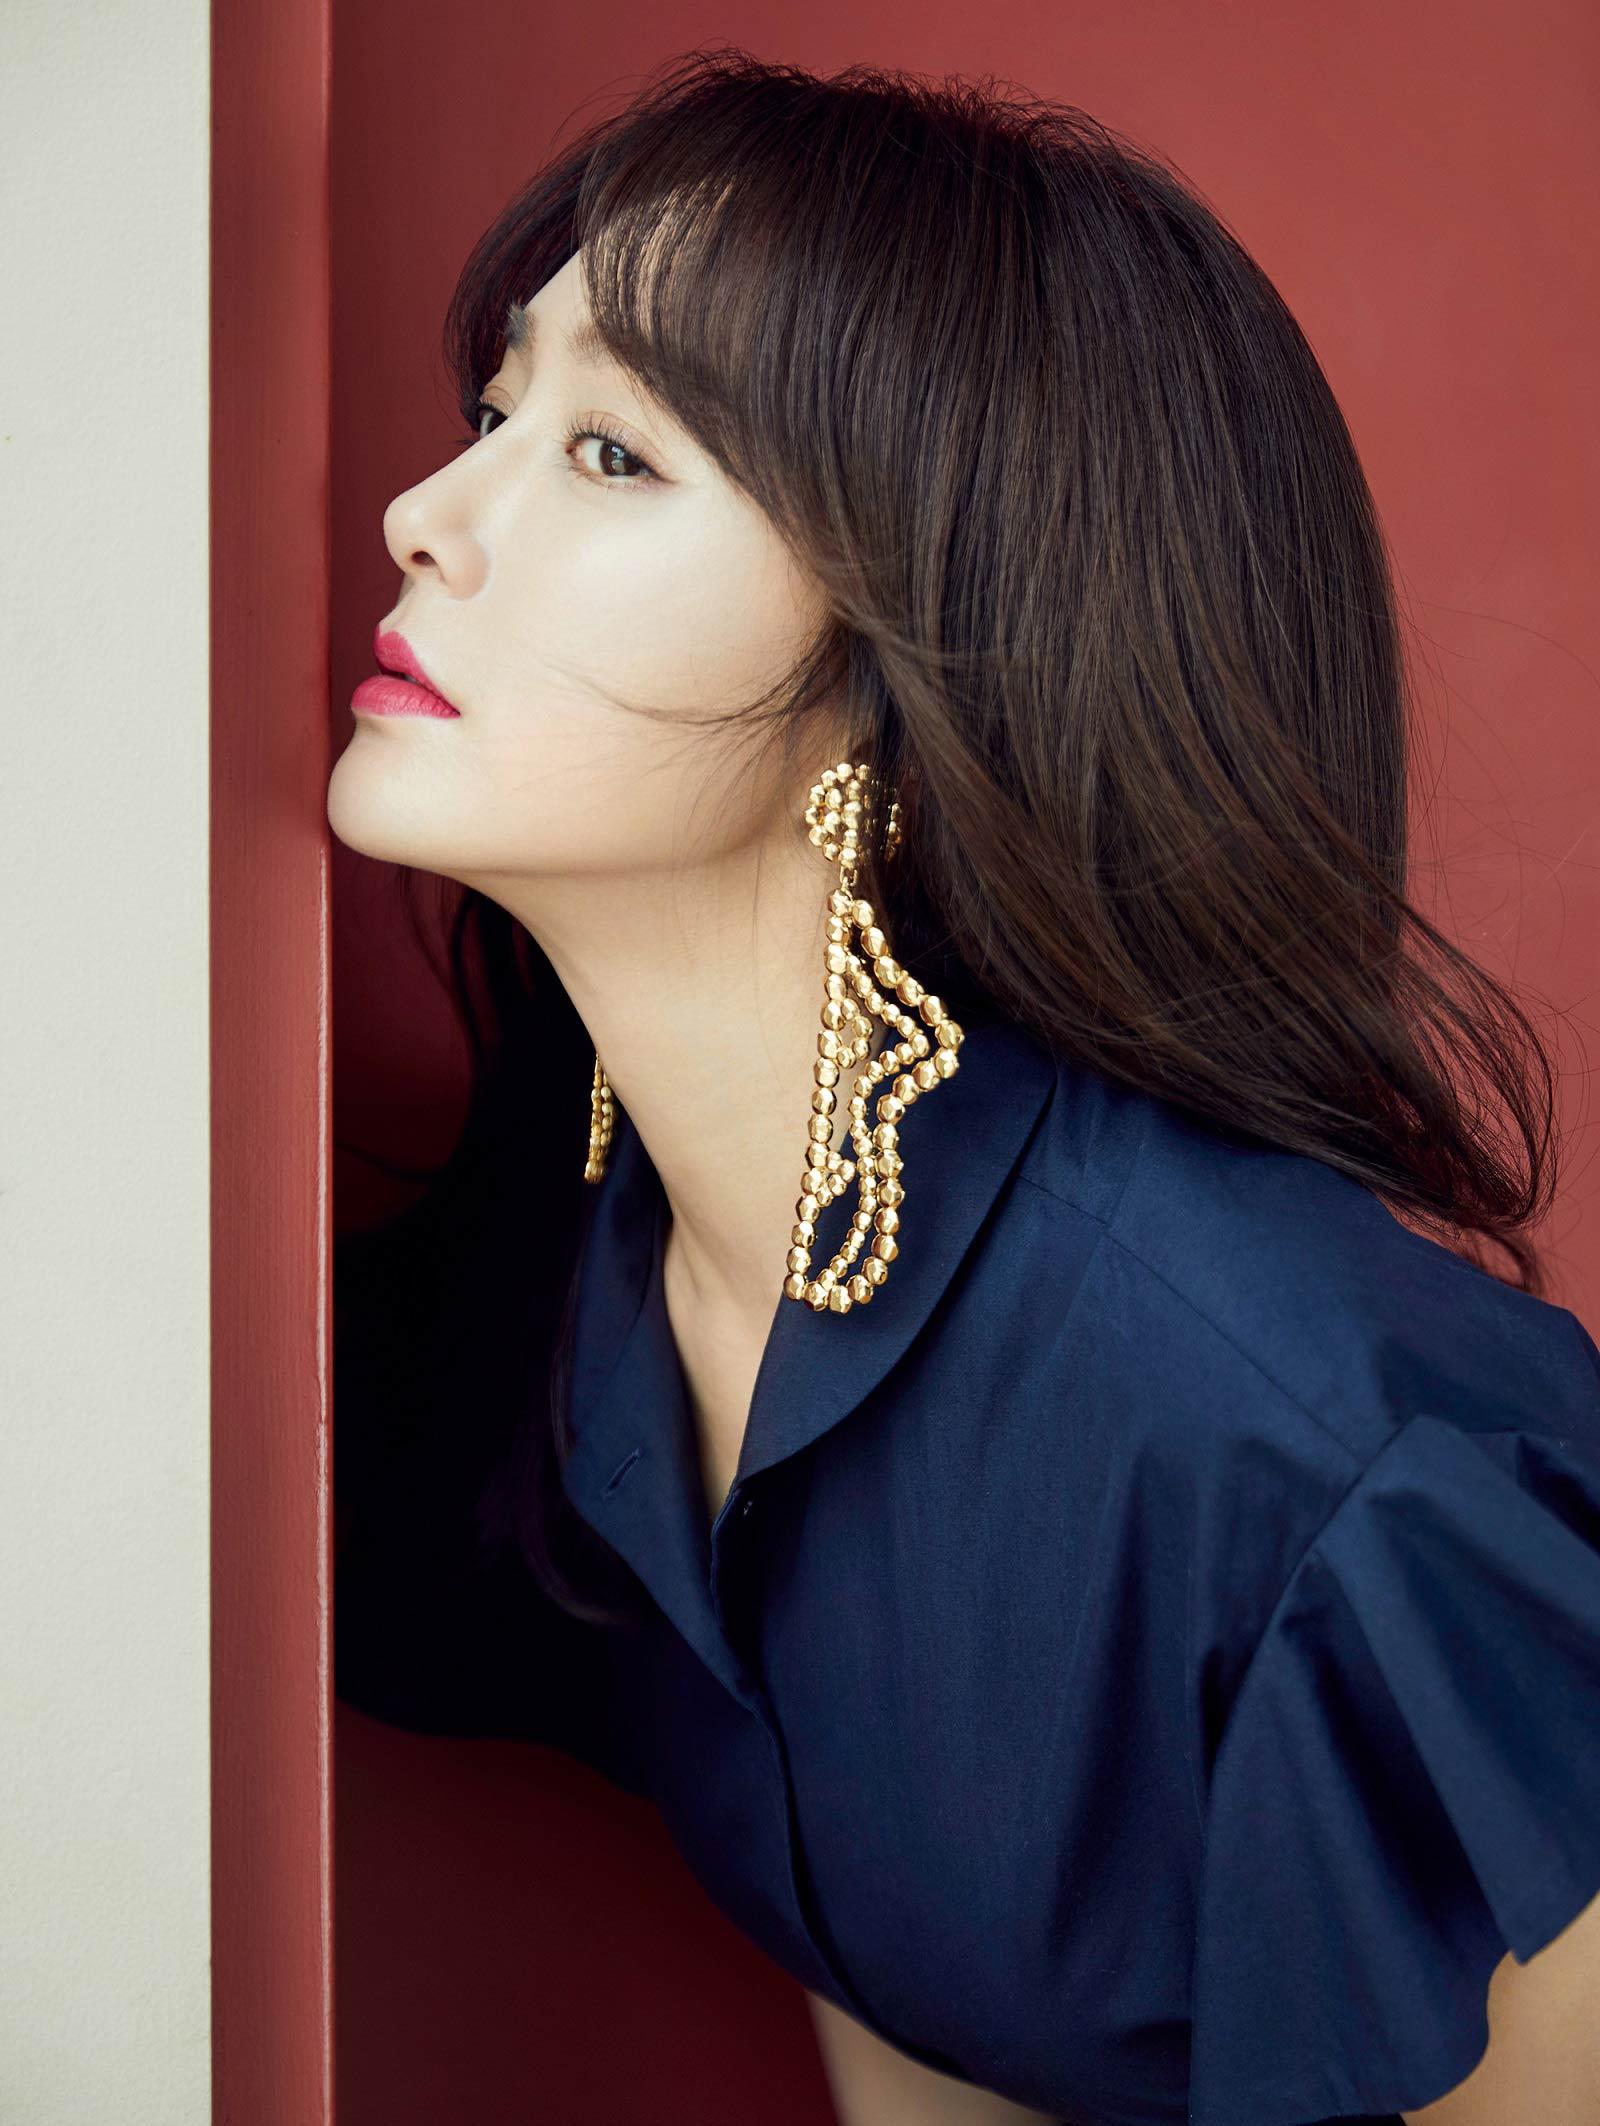 秦岚登时装L'OFFICIEL杂志七月刊封面 演绎优雅知性魅力女人